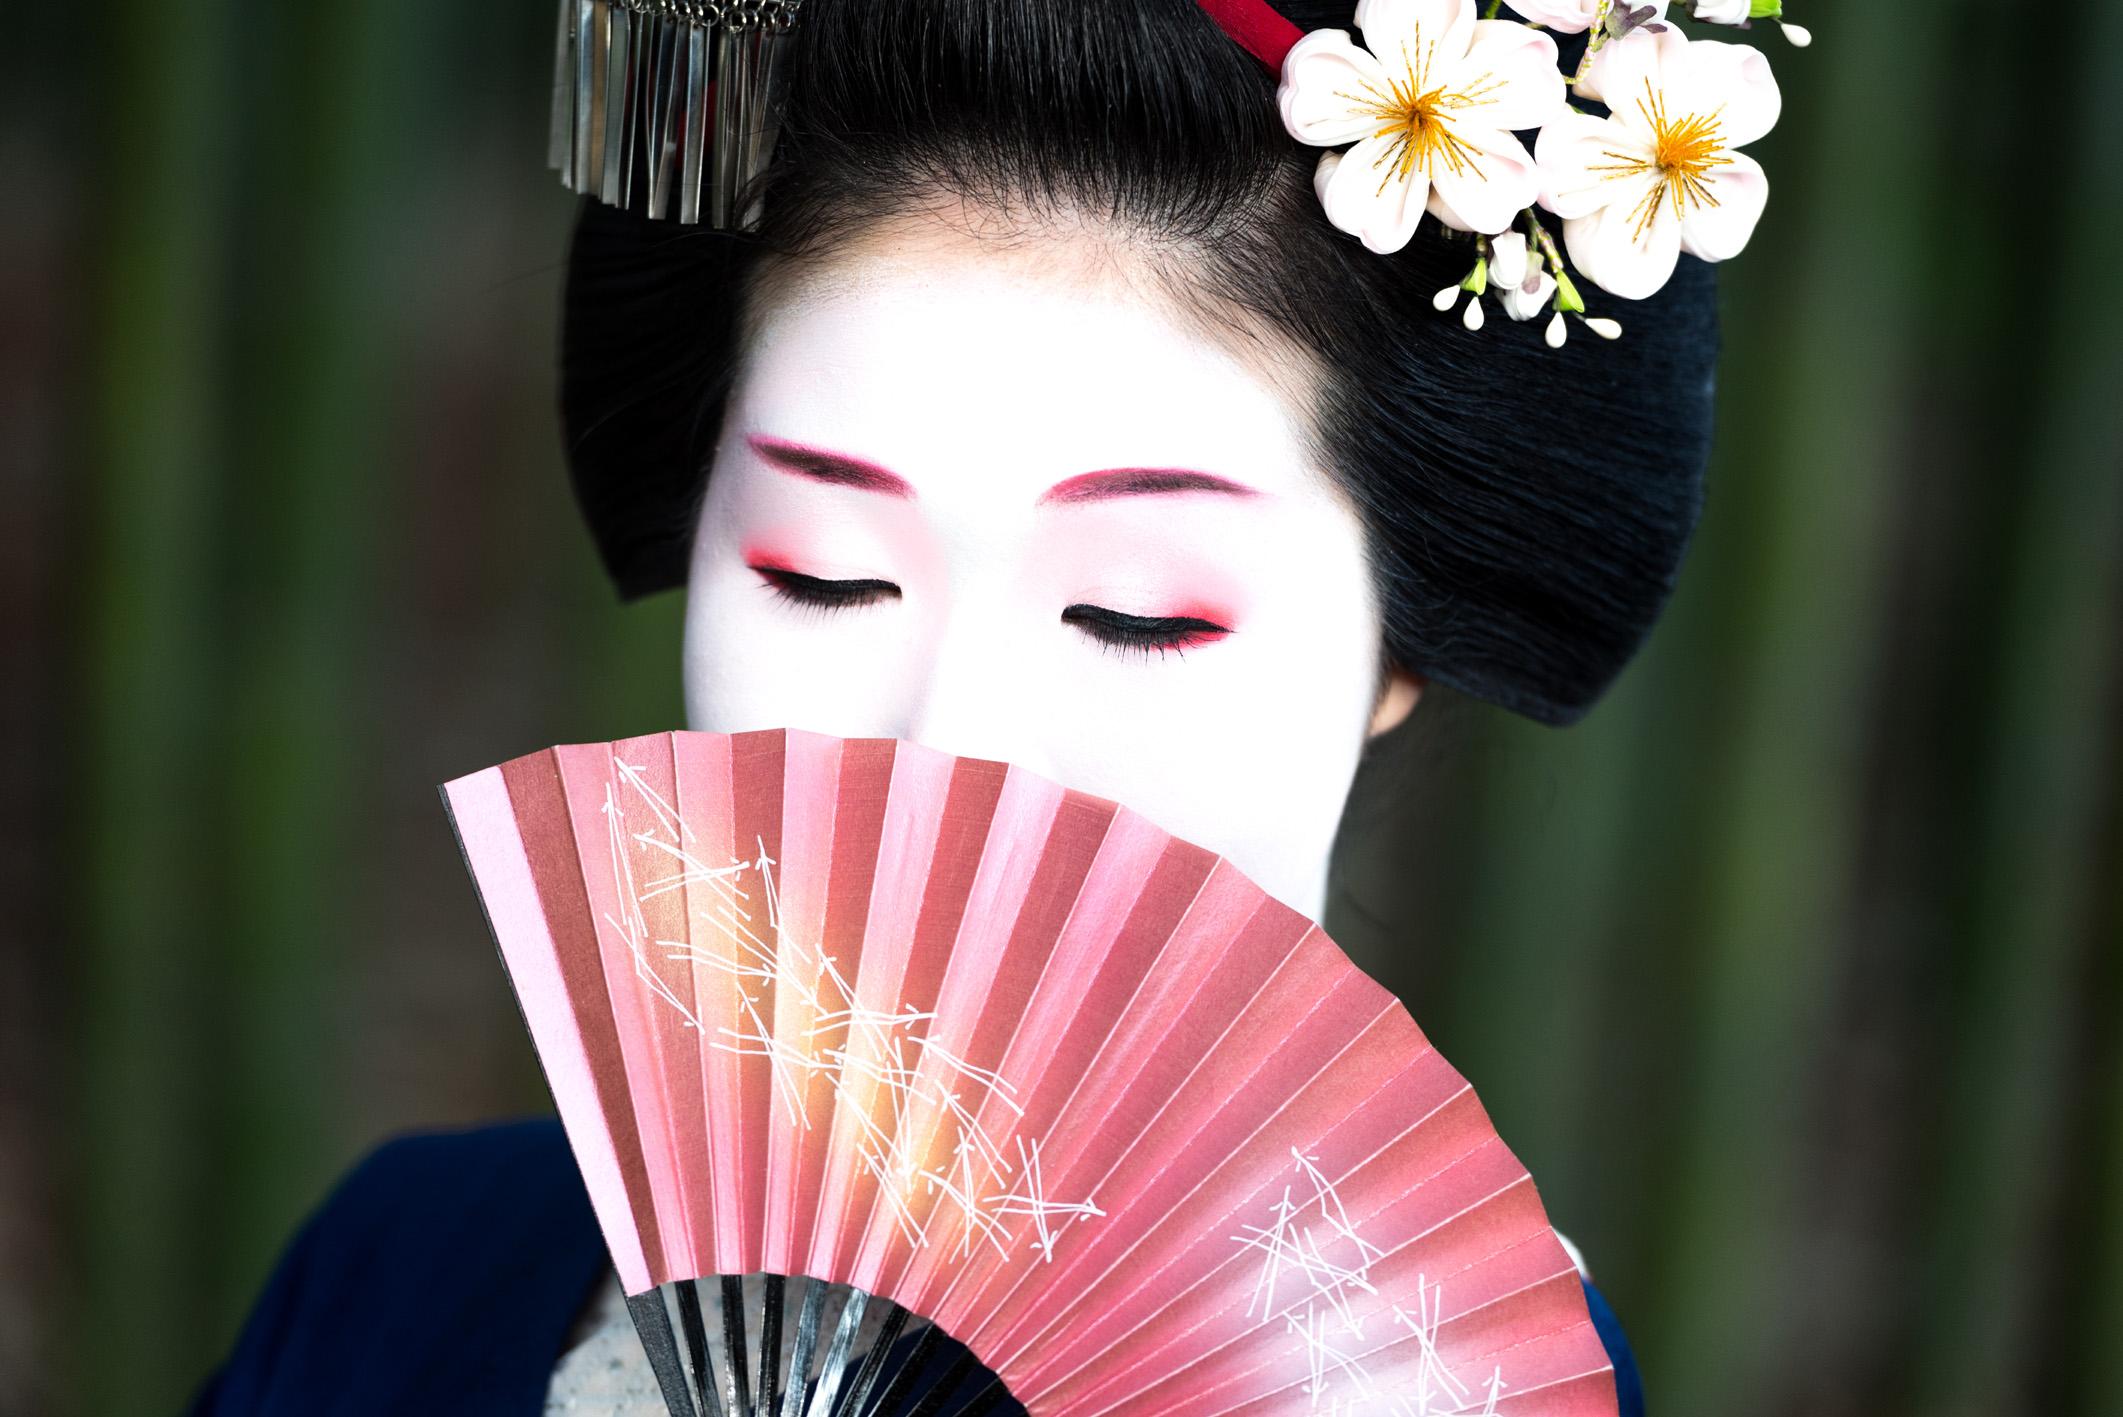 L'Angolo di Marta Lock: L'affascinante mondo della Geisha in mostra al Museo delle Civiltà di Roma